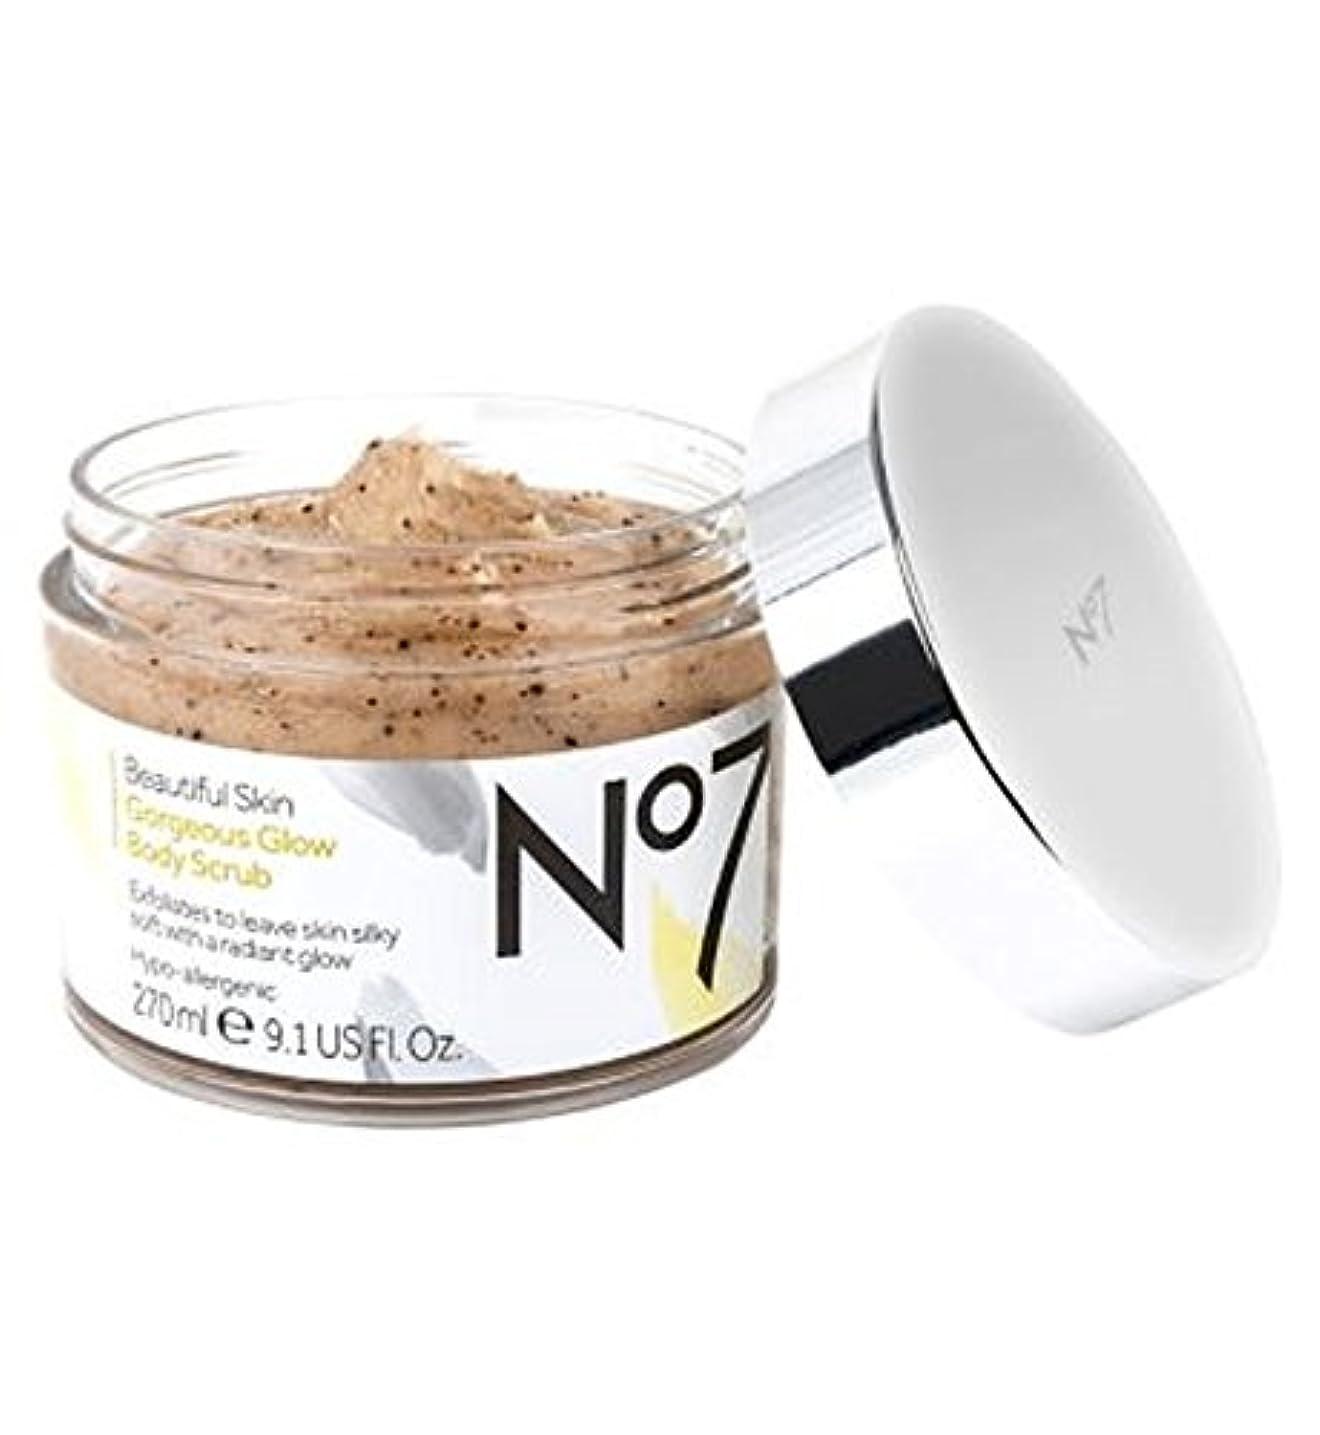 マウントバンク落花生はしごNo7 Beautiful Skin Gorgeous Glow Body Scrub - No7美しい肌ゴージャスな輝きボディスクラブ (No7) [並行輸入品]